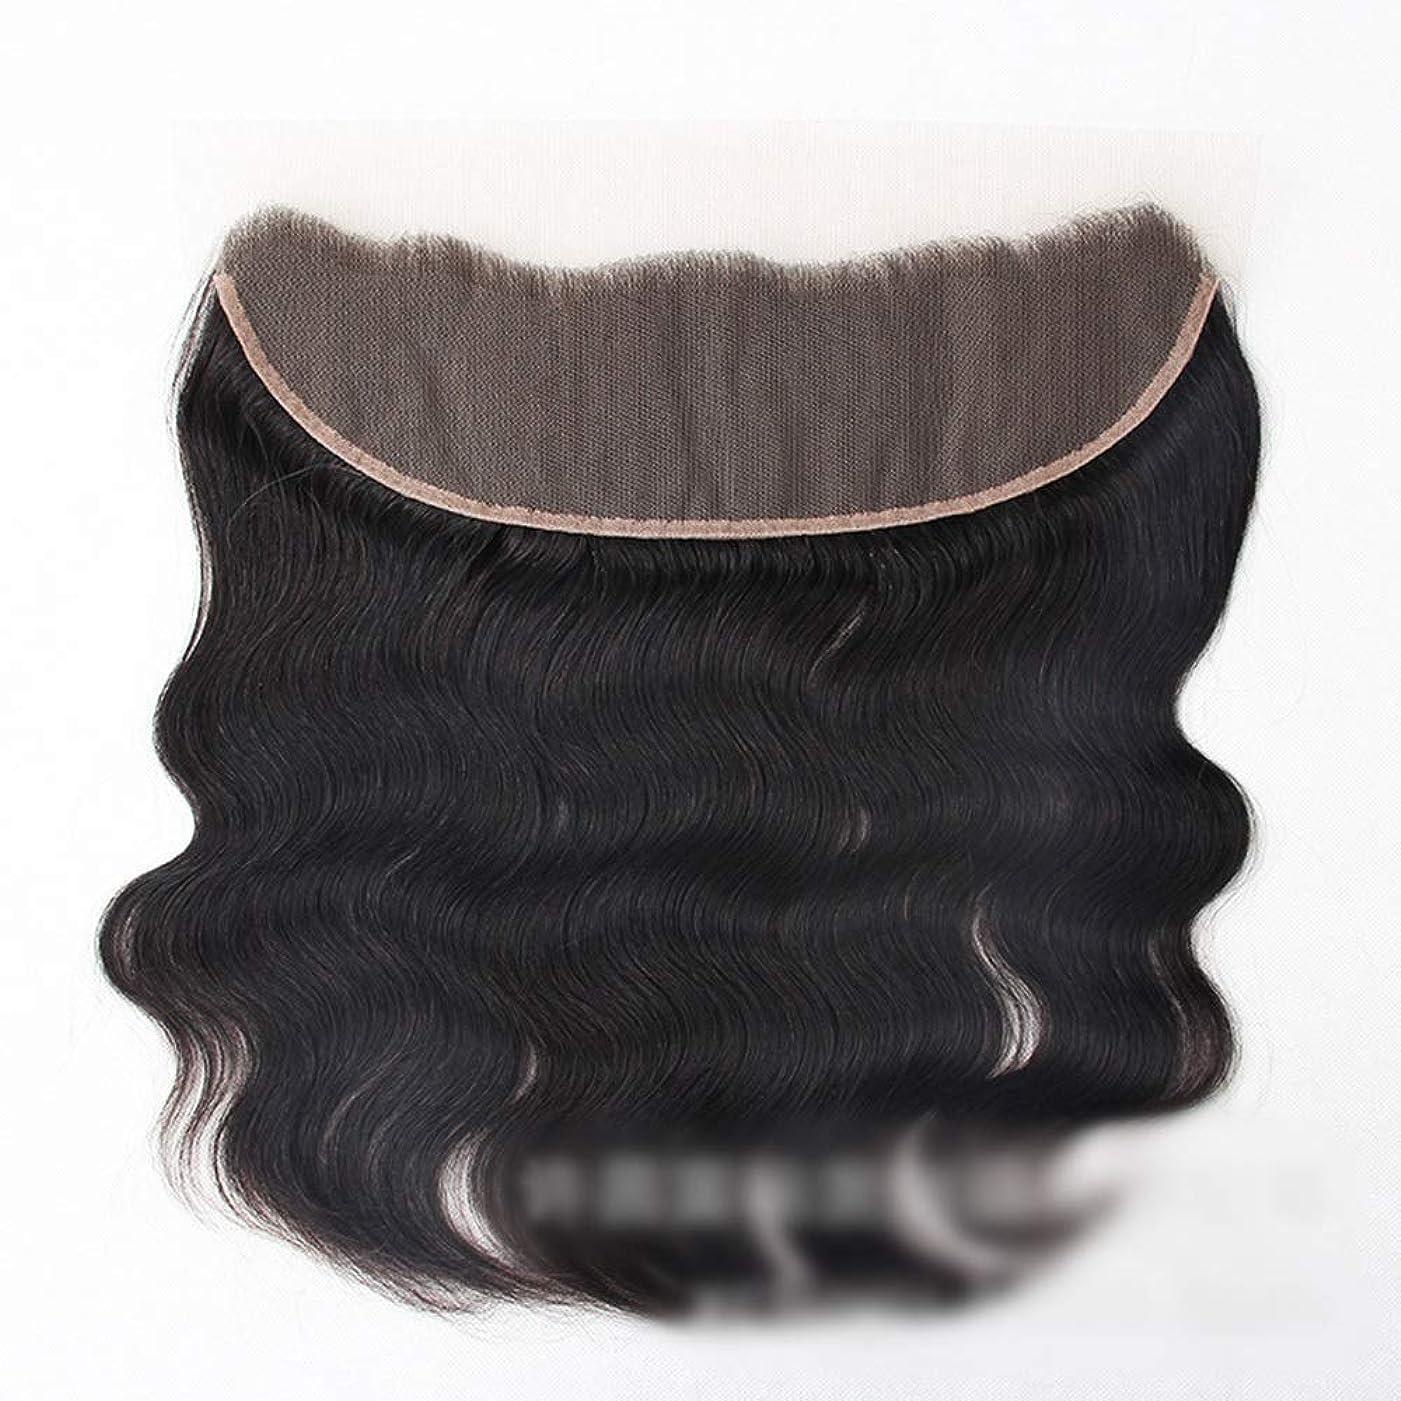 チューブ正しいするだろうかつら 13 * 4レース前頭閉鎖自然な人間の髪の毛の前頭実体波ヘアエクステンション女性の短い巻き毛のかつら (色 : 黒, サイズ : 10 inch)